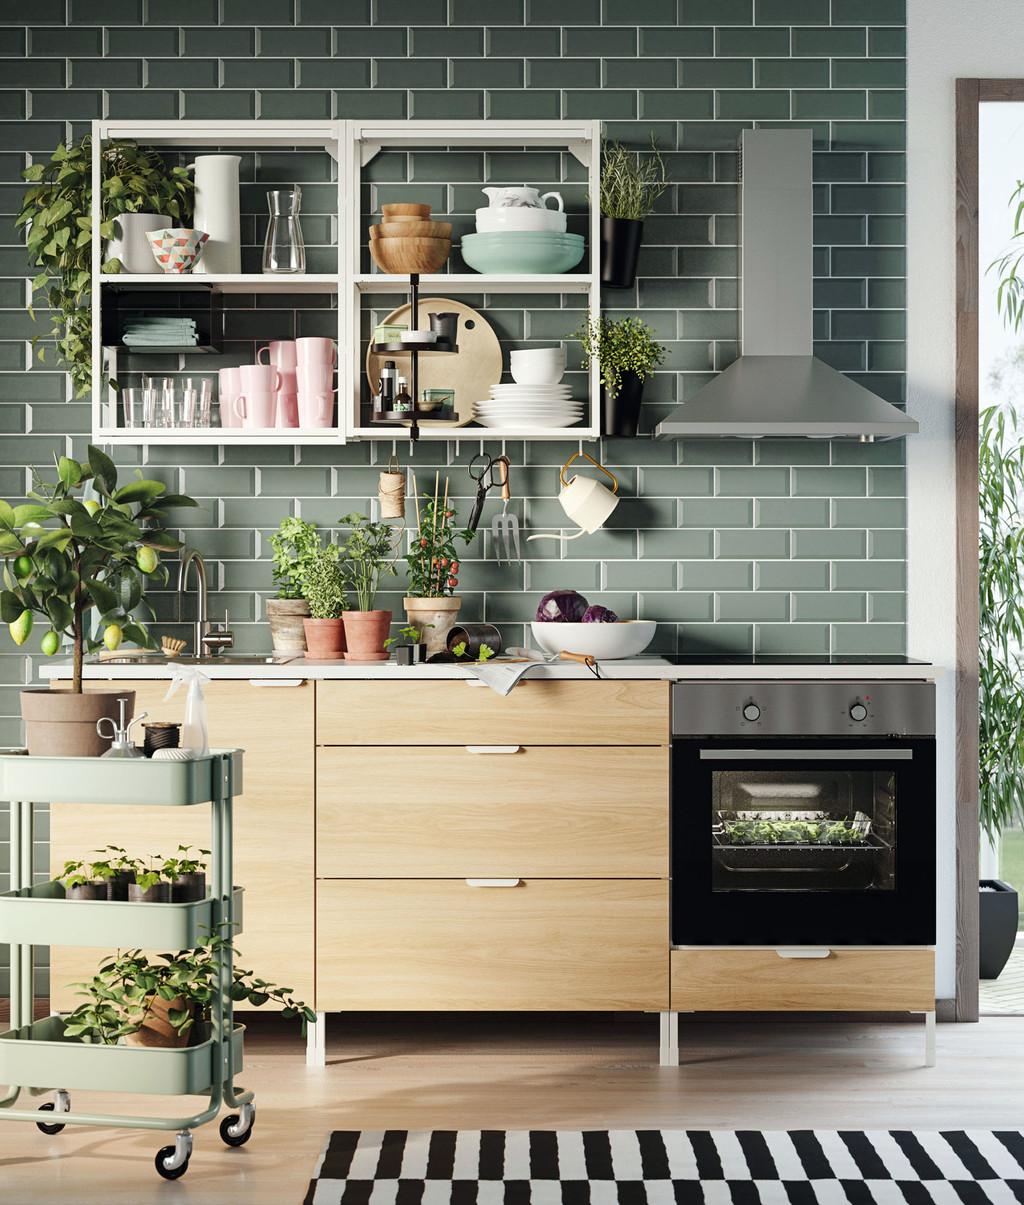 Avance catálogo de Ikea 2021; las mejores novedades para tu cocina que encontraremos en el próximo catálogo